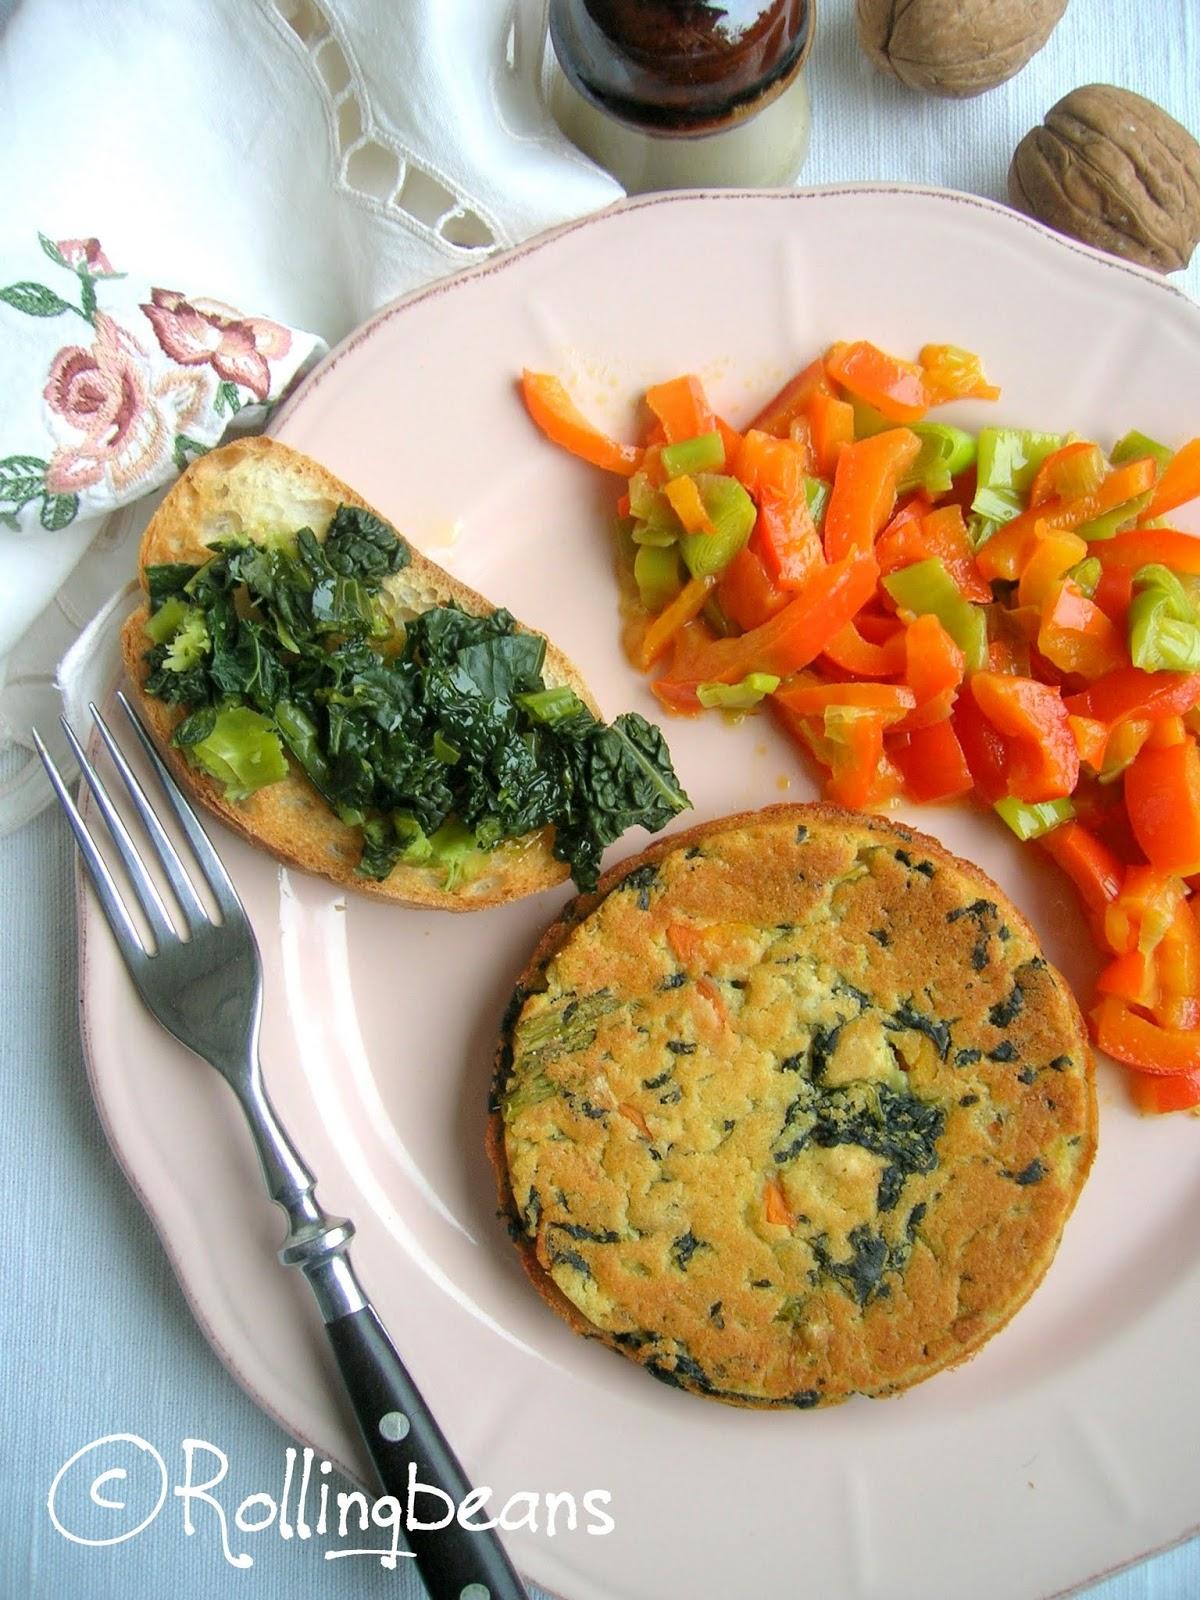 medaglioni di fave e cavolo nero (vegan)